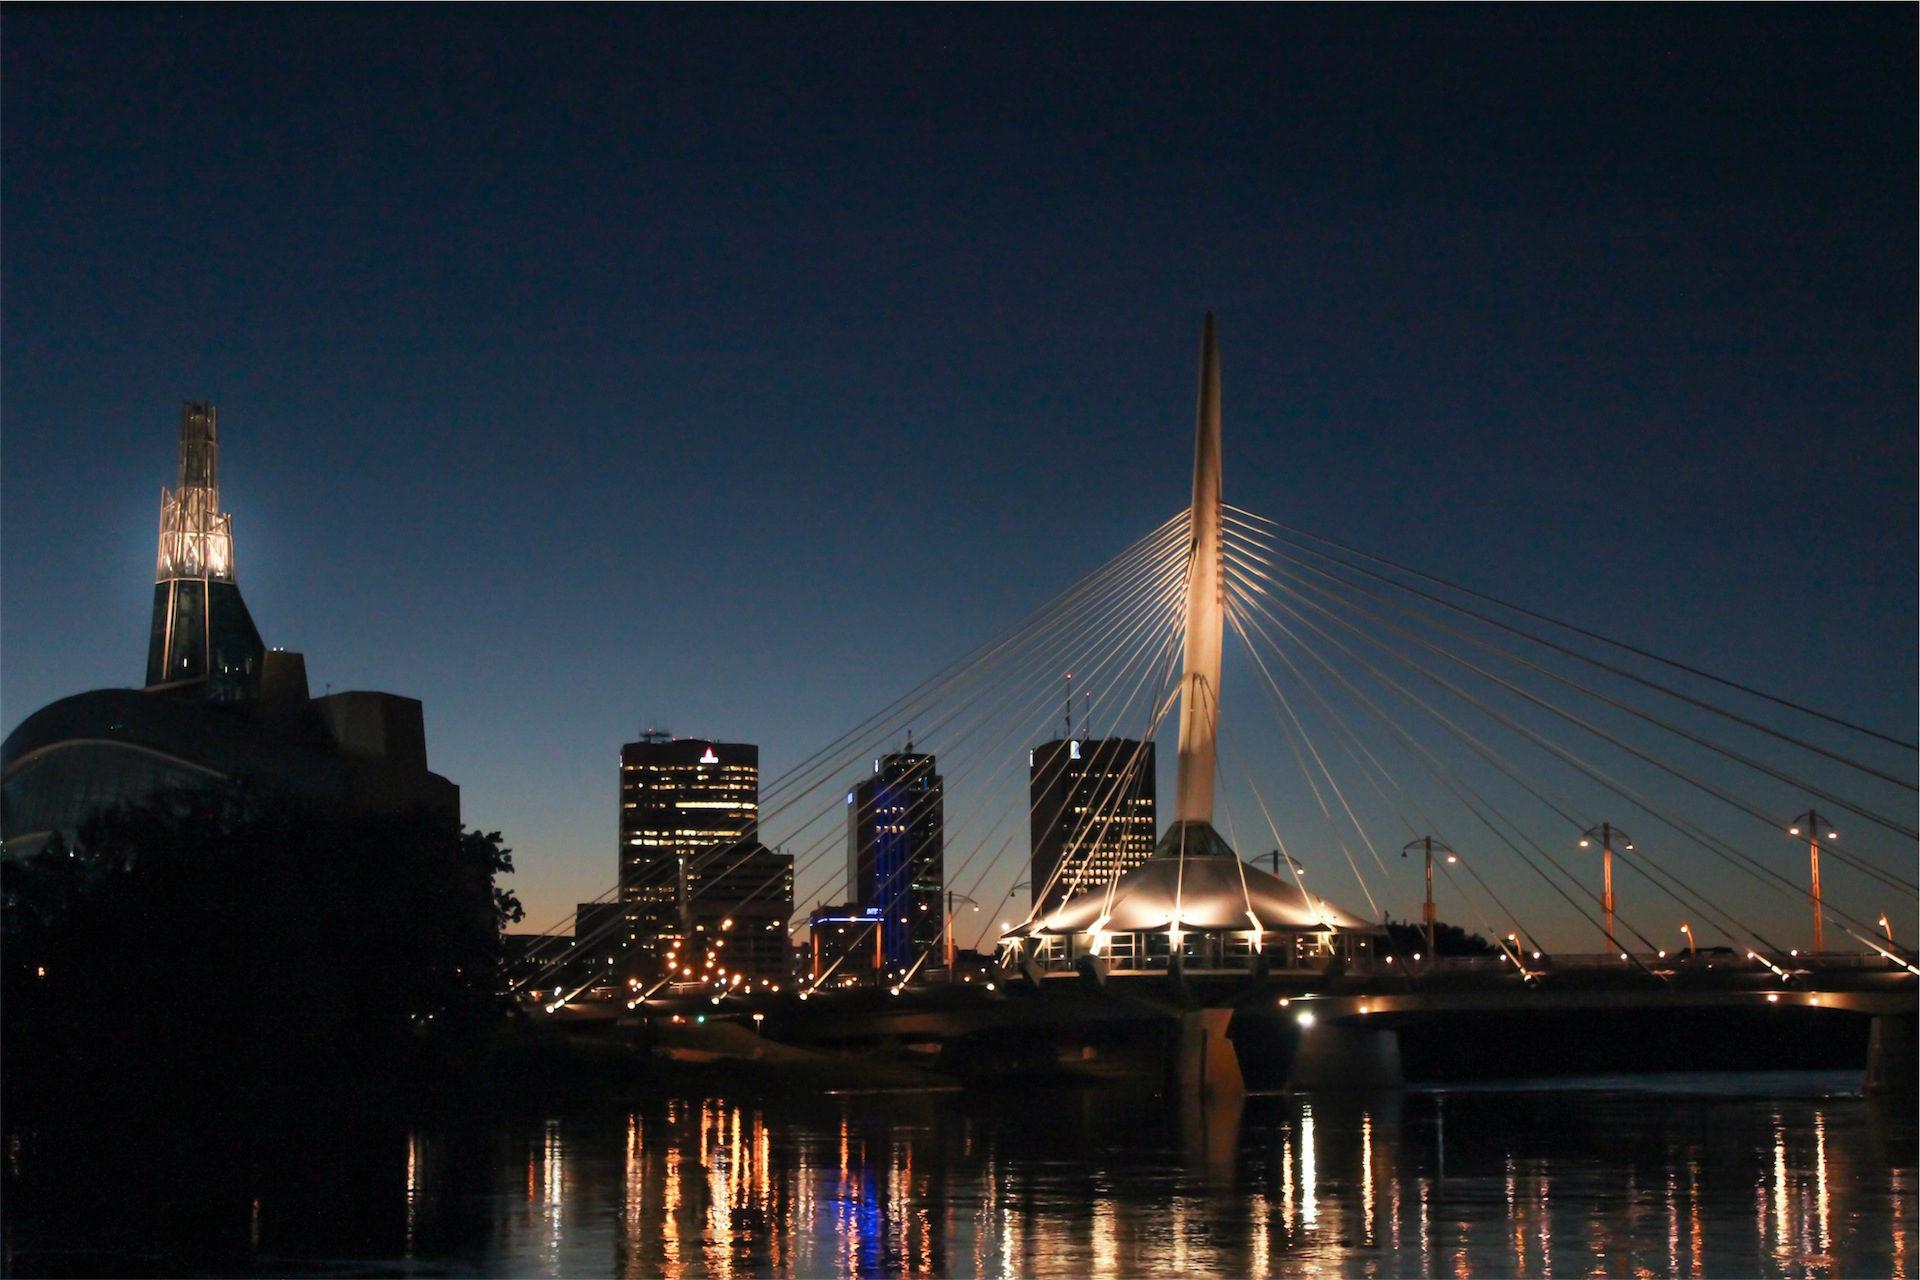 puente, anclajes, ciudad, noche, luces - Fondos de Pantalla HD - professor-falken.com